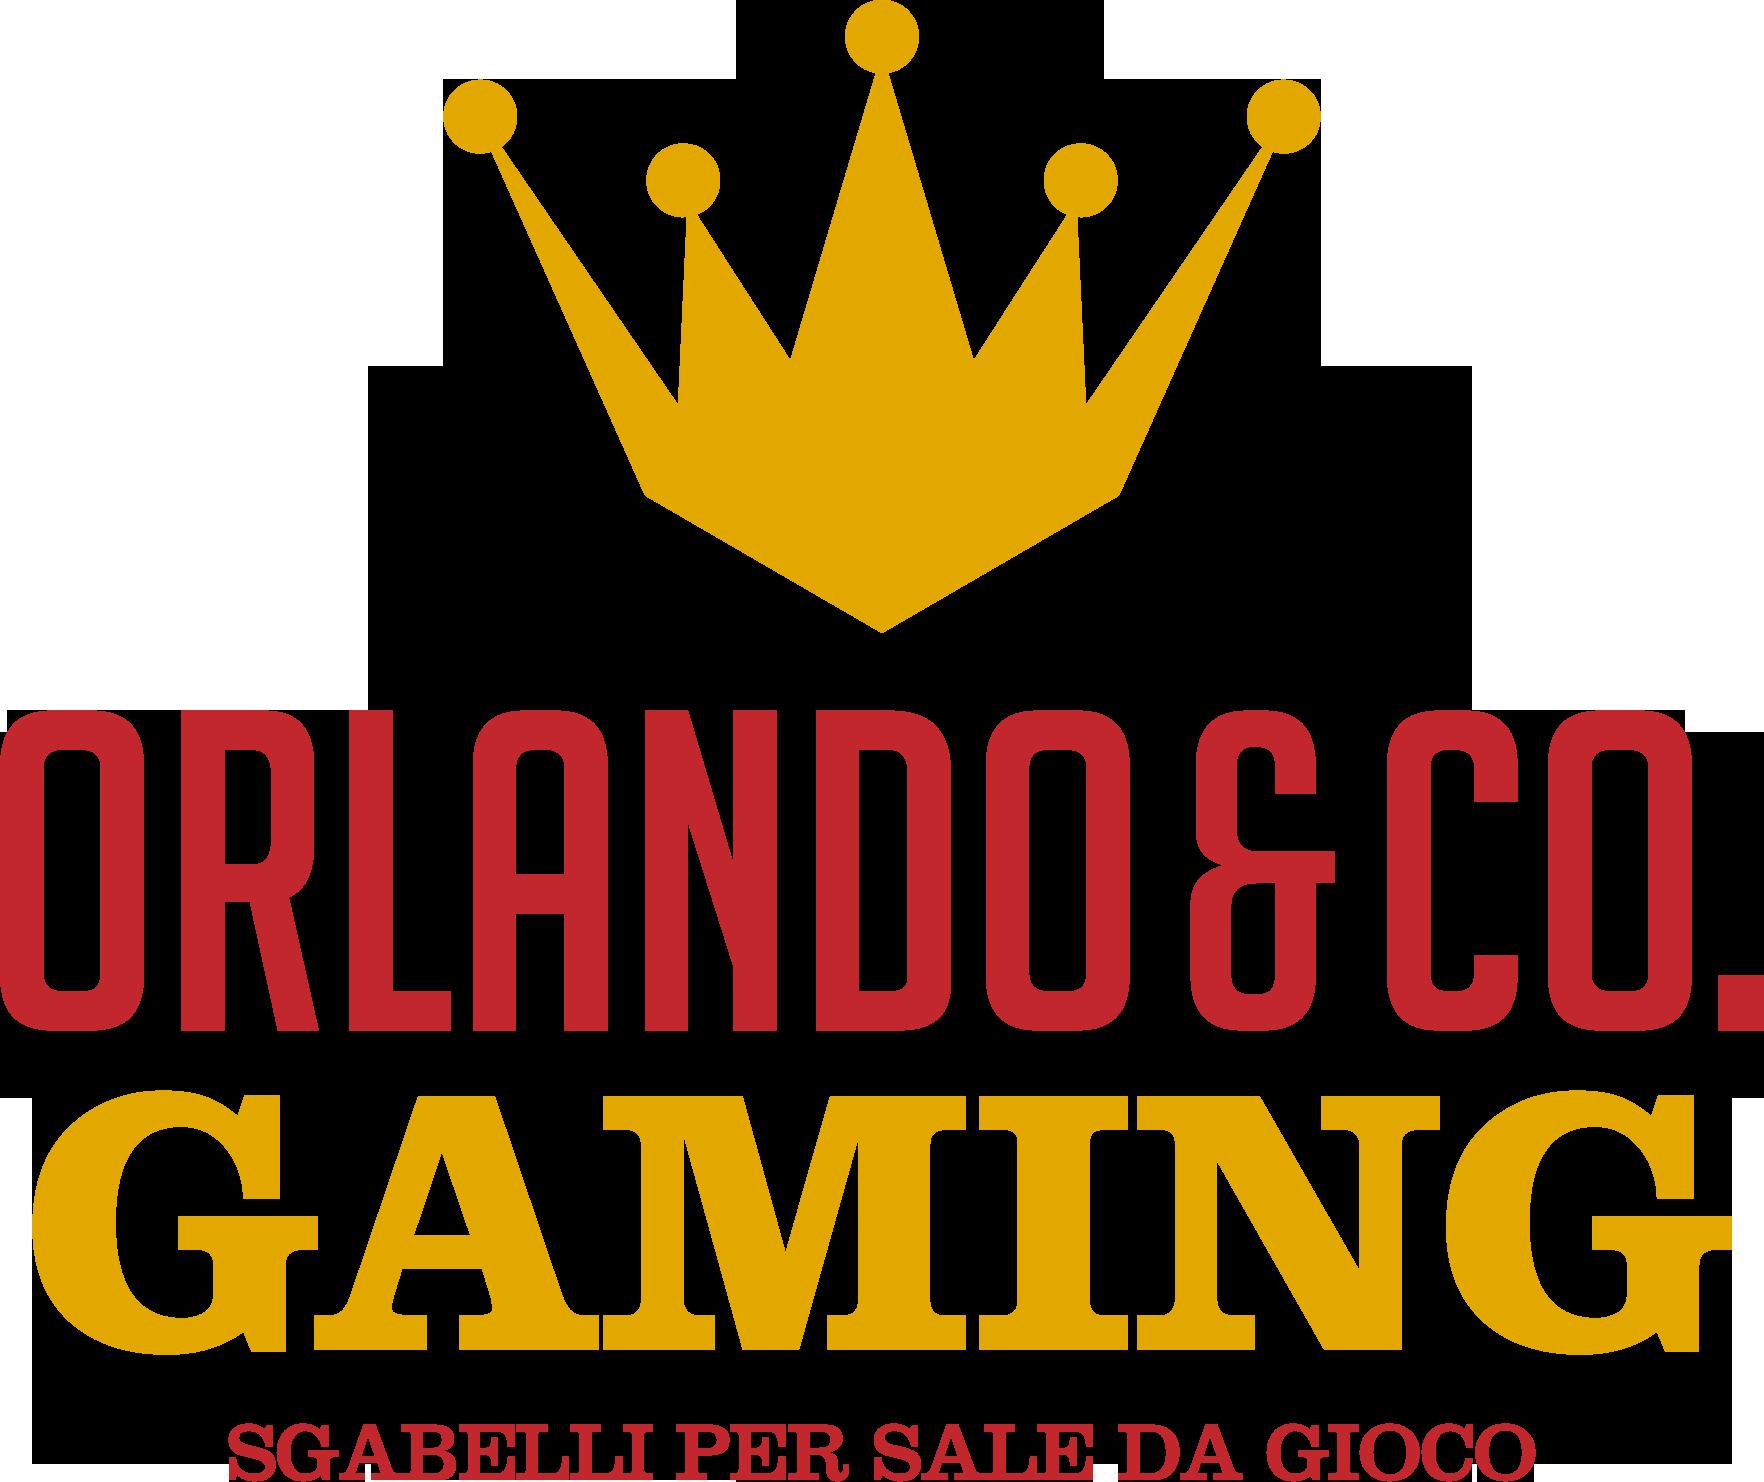 Orlando & Co.